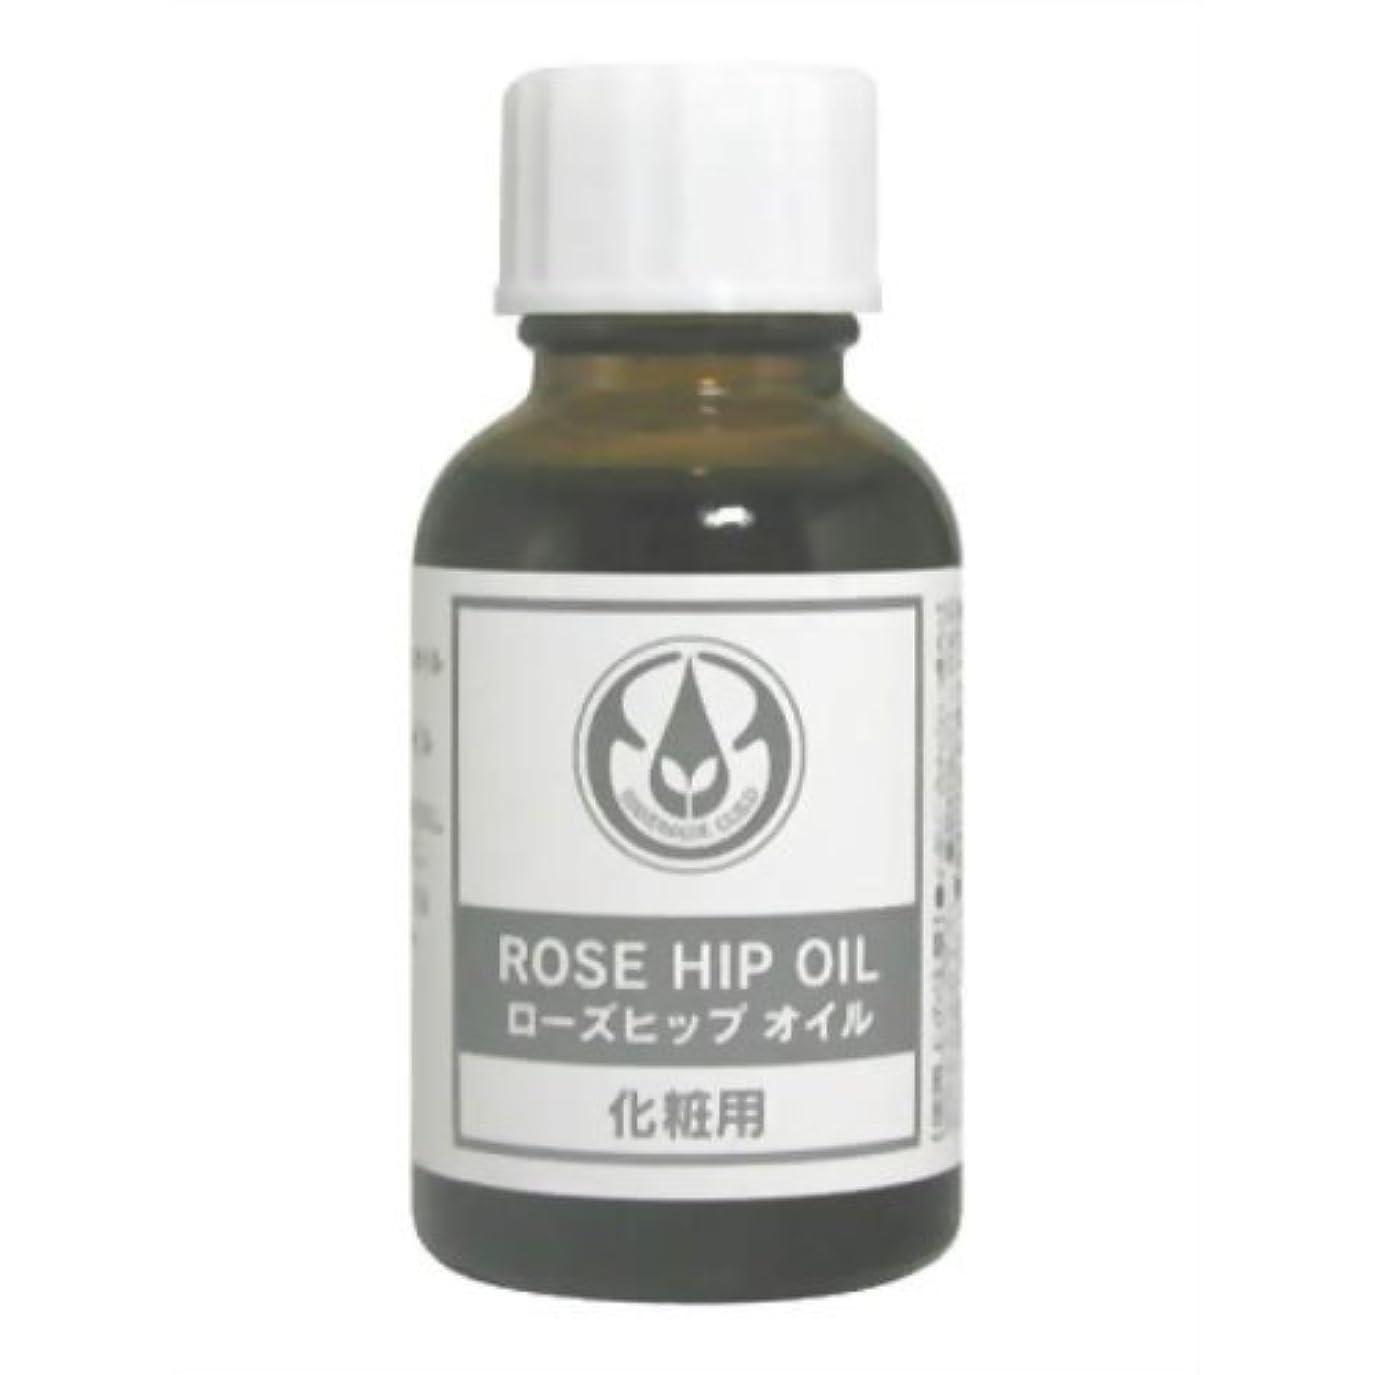 どこか醜い西部生活の木 ローズヒップオイル(ナチュラル) 25ml